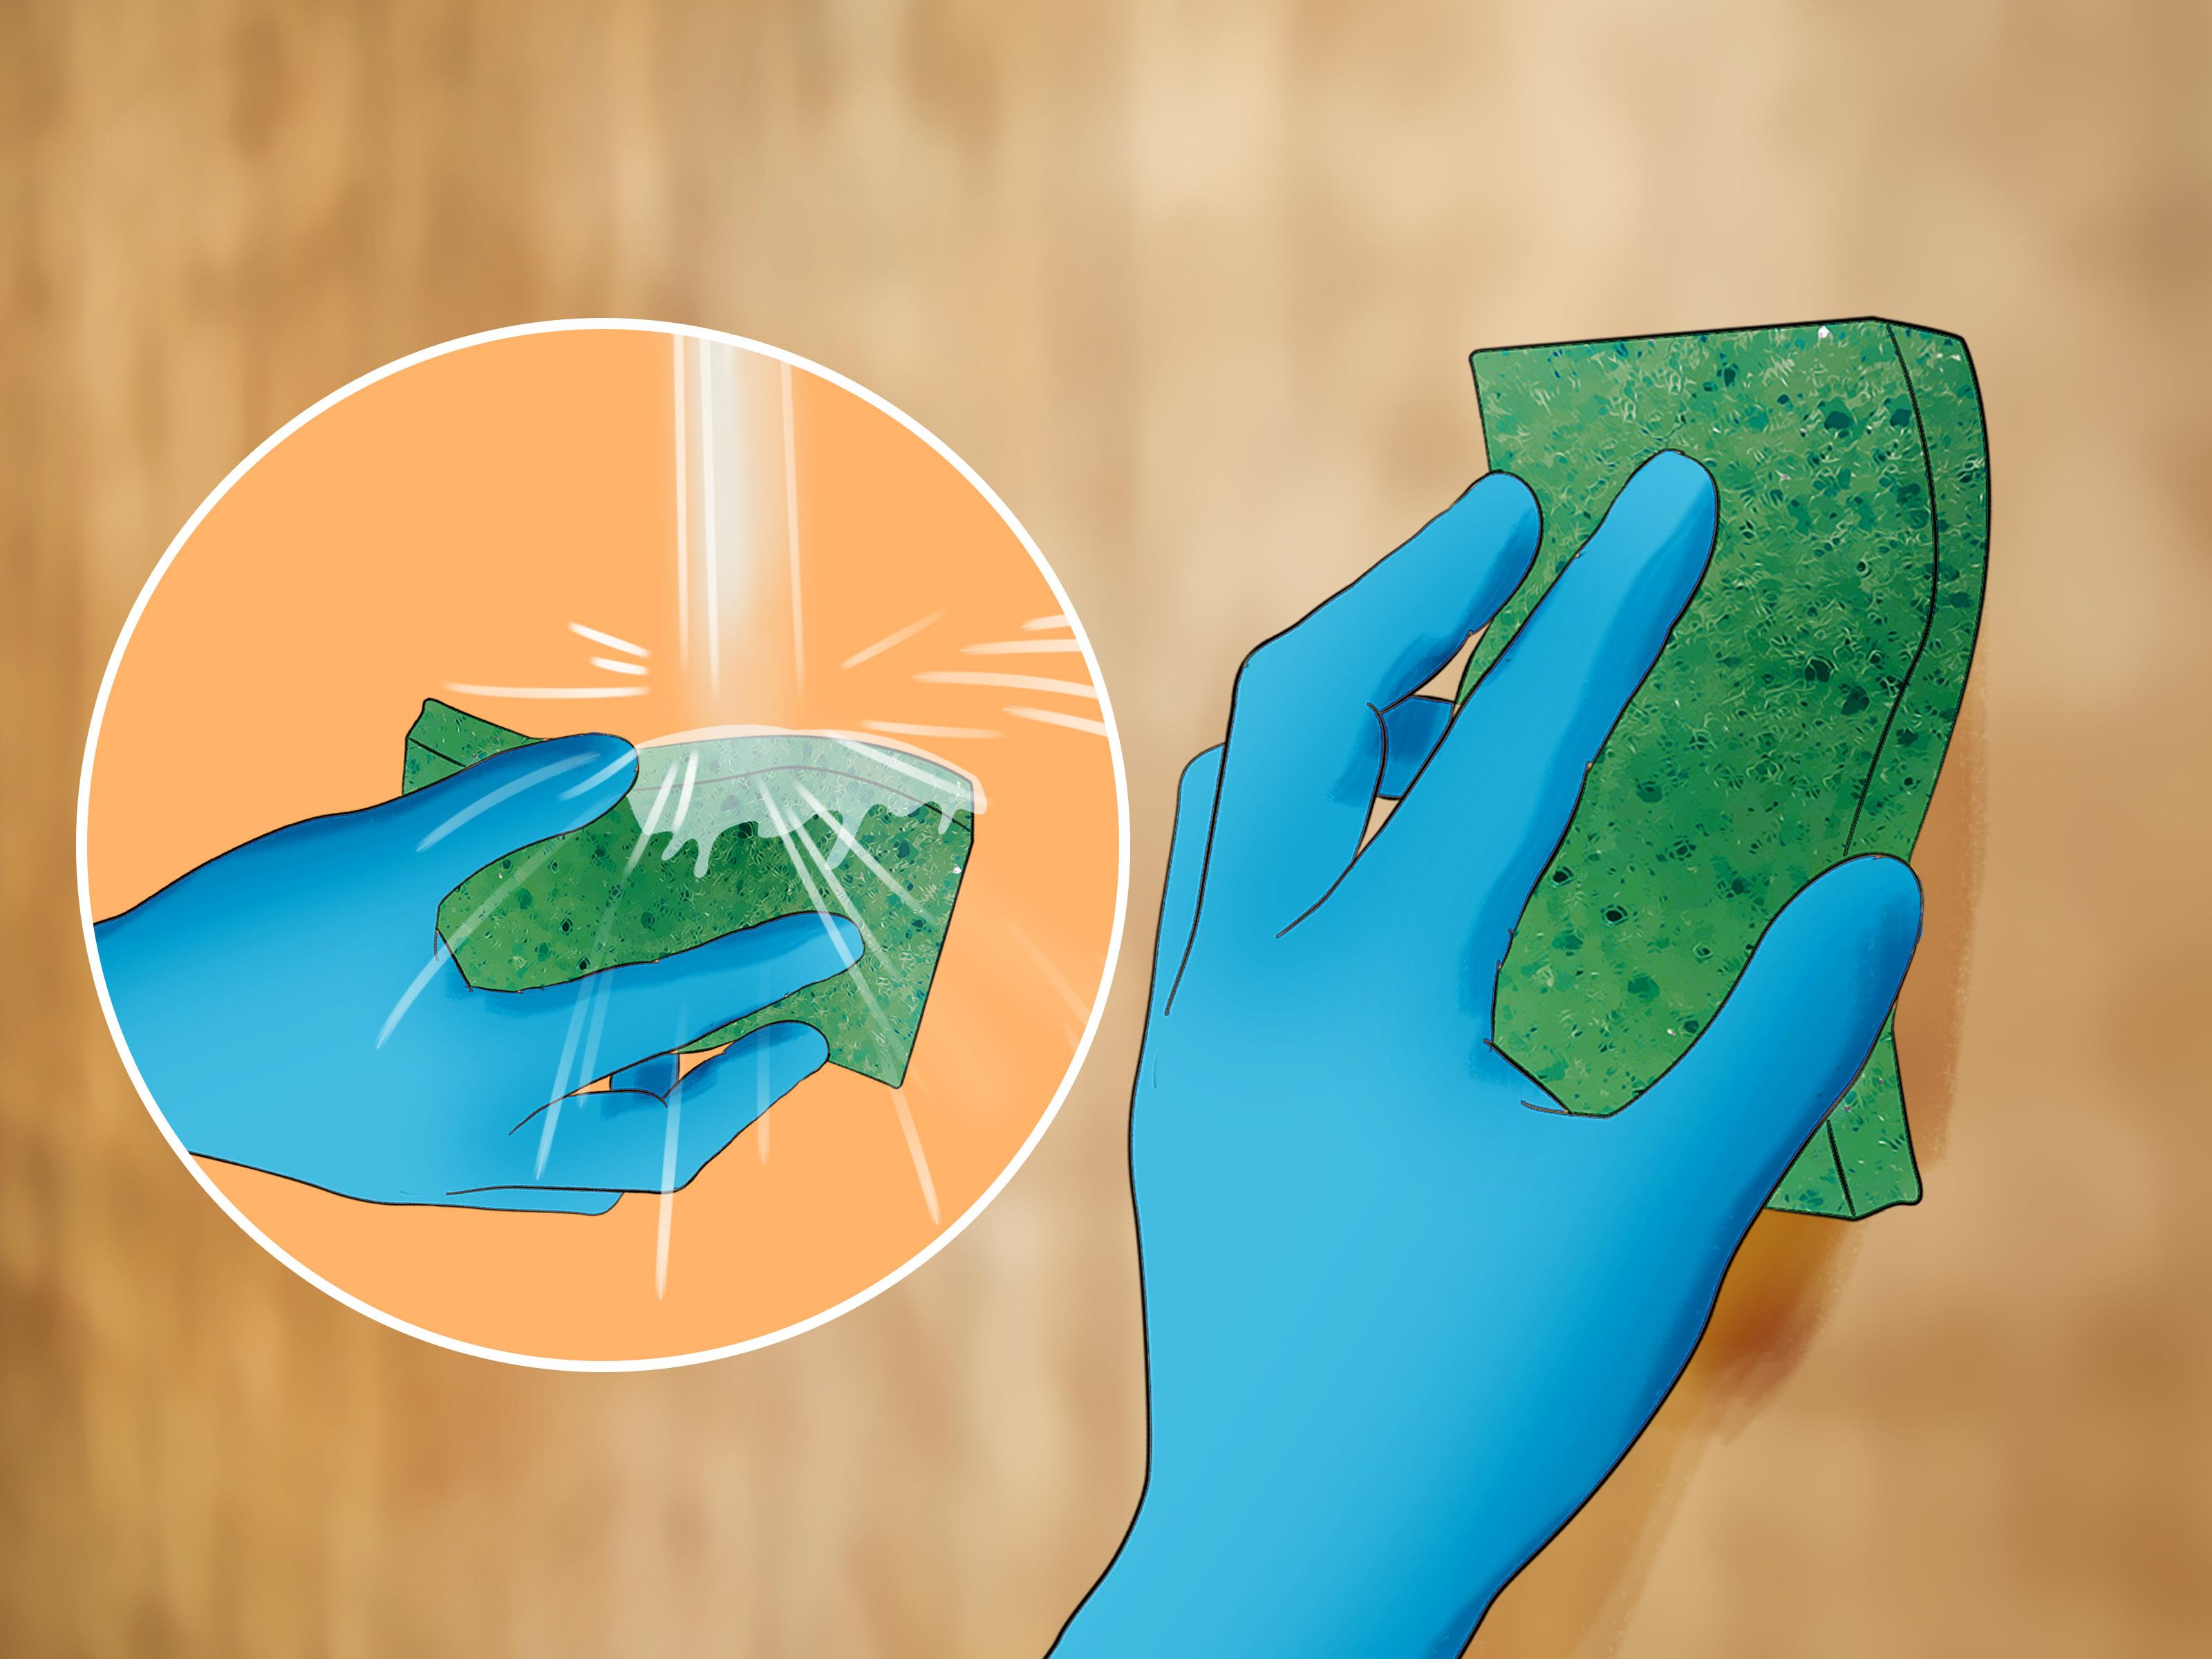 49+] Remove Stubborn Wallpaper Glue on